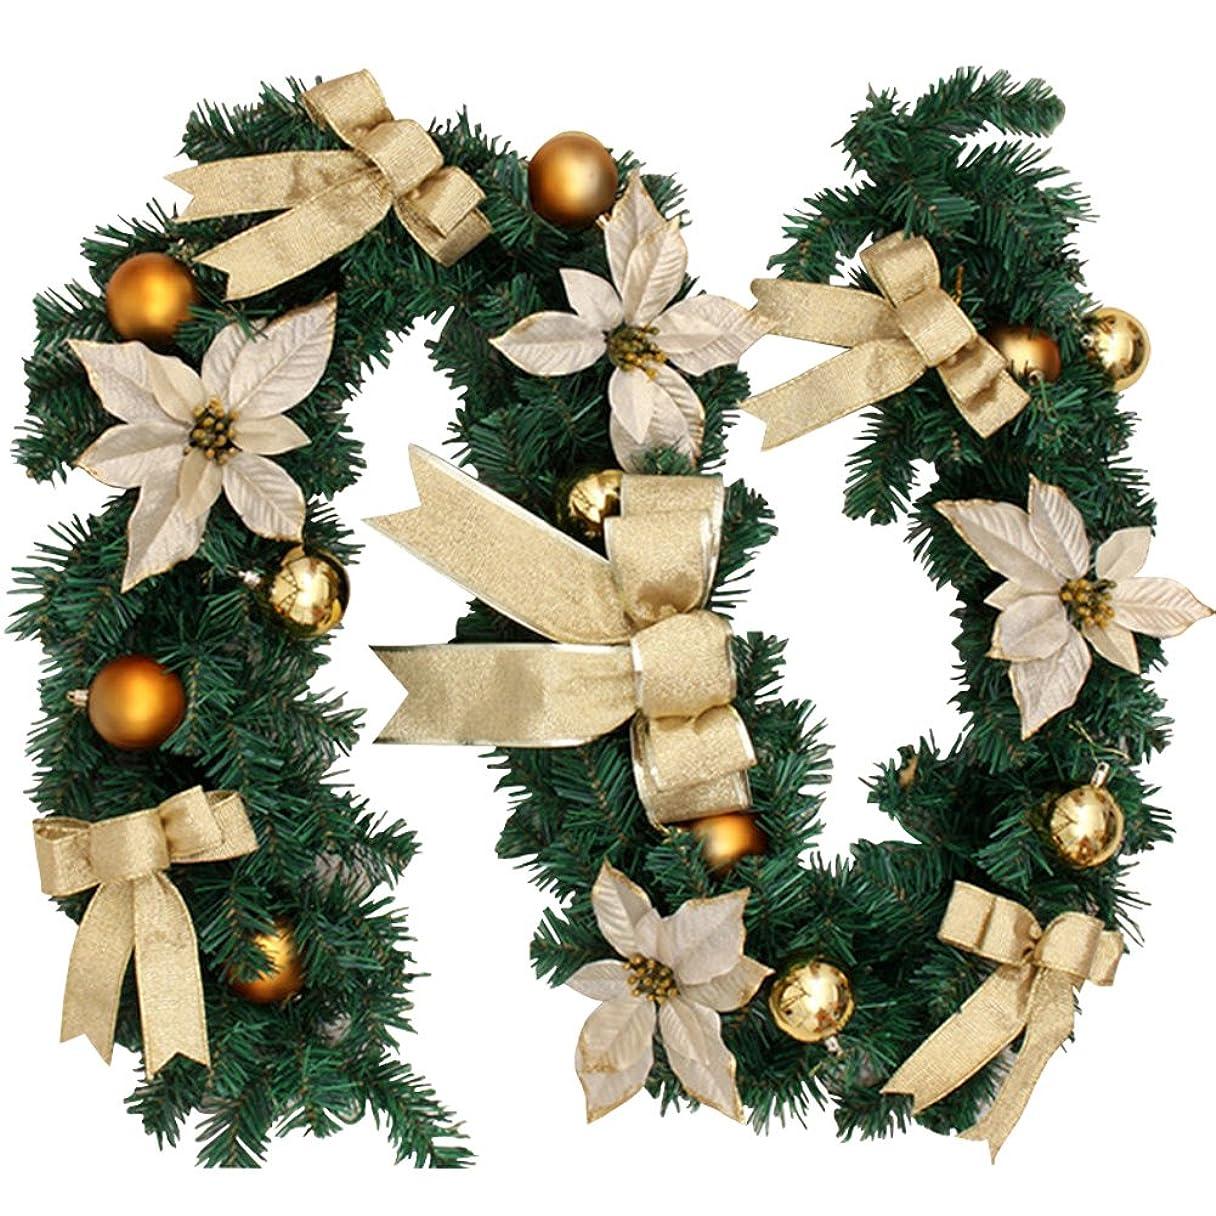 項目修正罪クリスマス ガーランド クリスマスリース クリスマス飾り 1.8m クリスマスツリー 飾り パーティー装飾藤 クリスマス オーナメント クリスマスツリー装飾  松の葉モール 部屋 玄関 飾り 装飾品 華やか デコレーション オーナメント クリスマス用品